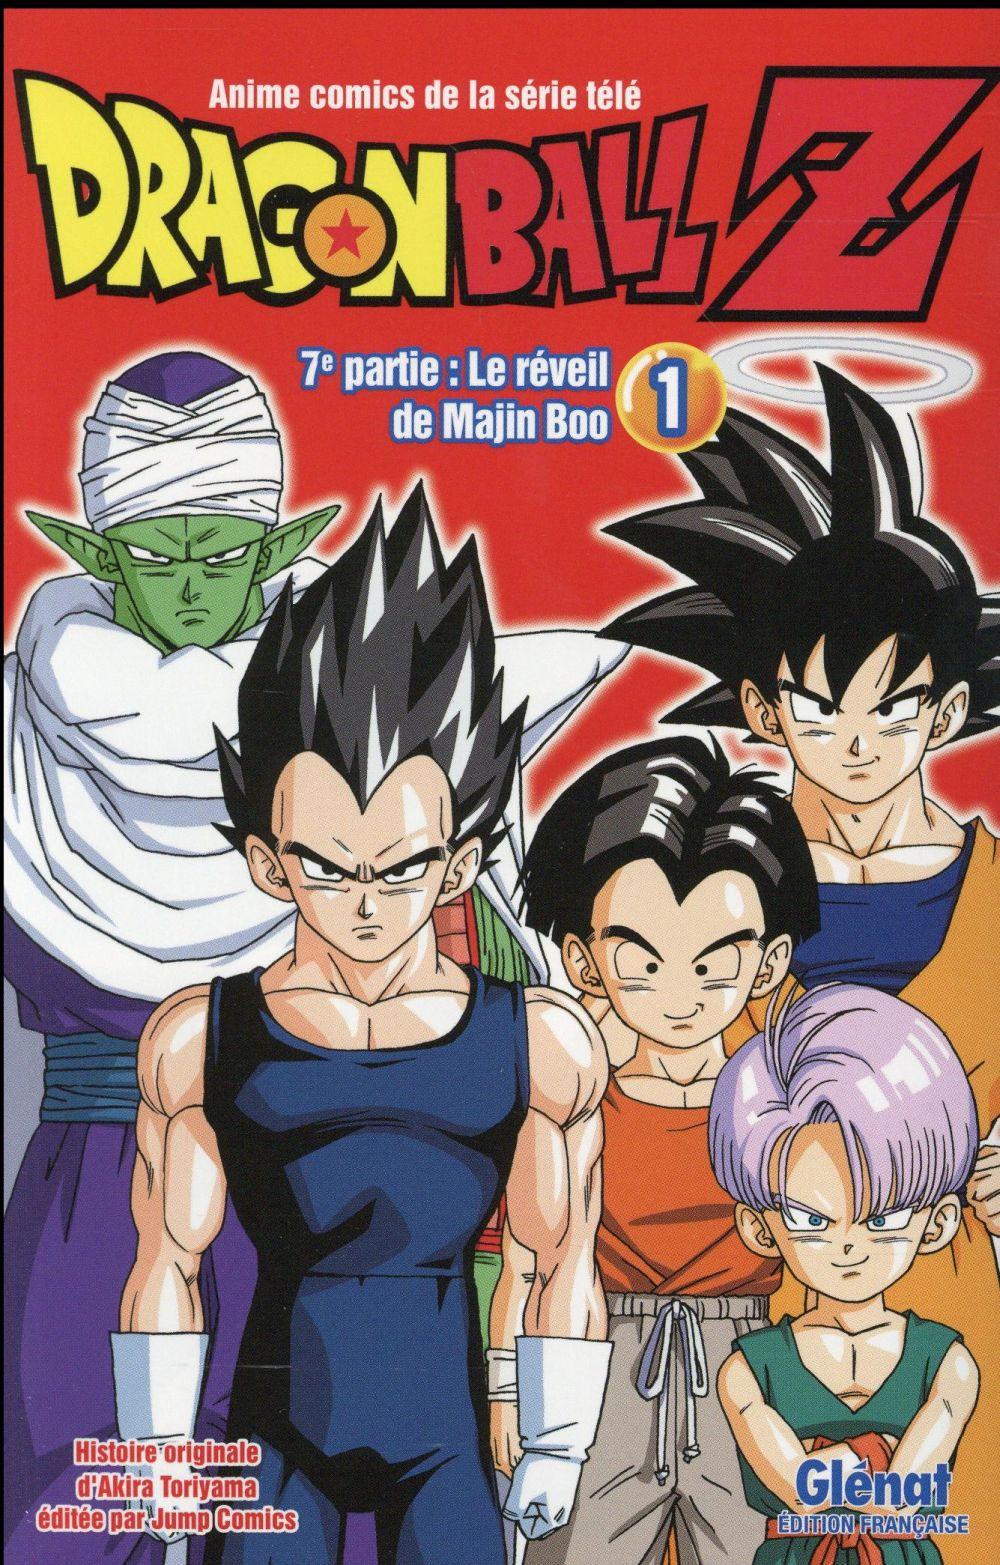 DRAGON BALL Z - 7E PARTIE - TOME 01 Toriyama Akira Glénat